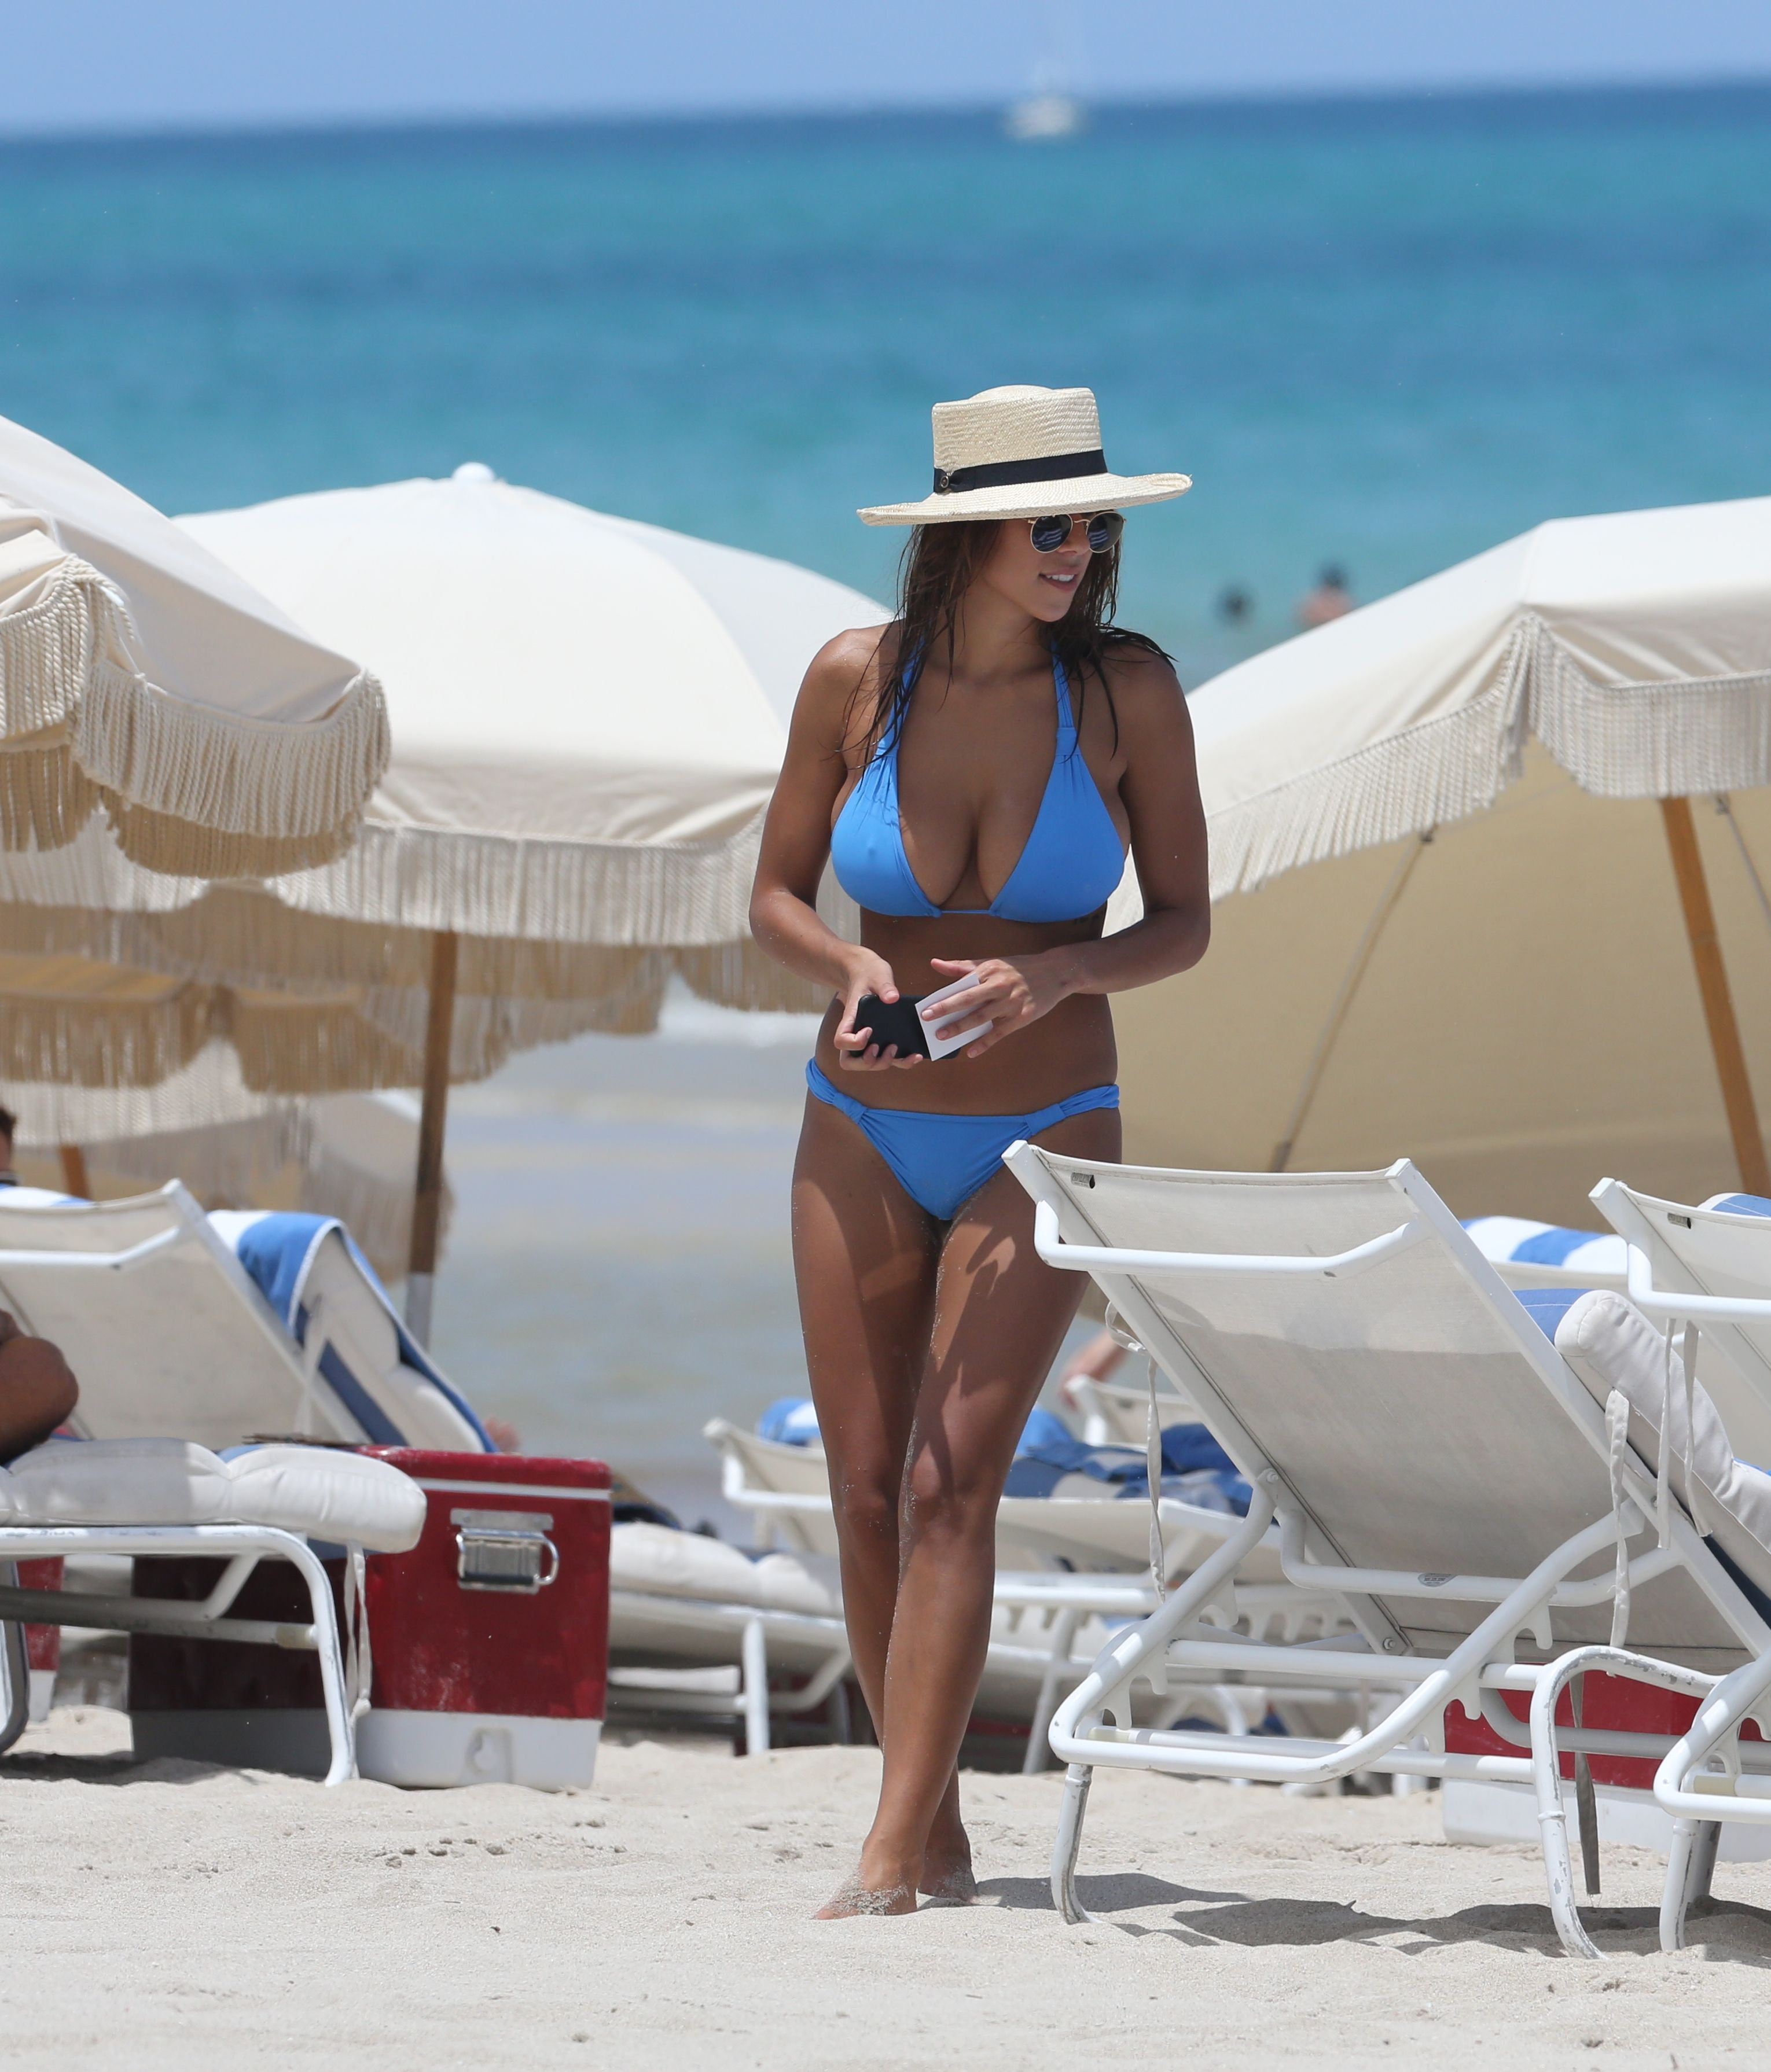 Devin-Brugman-in-a-Bikini-3